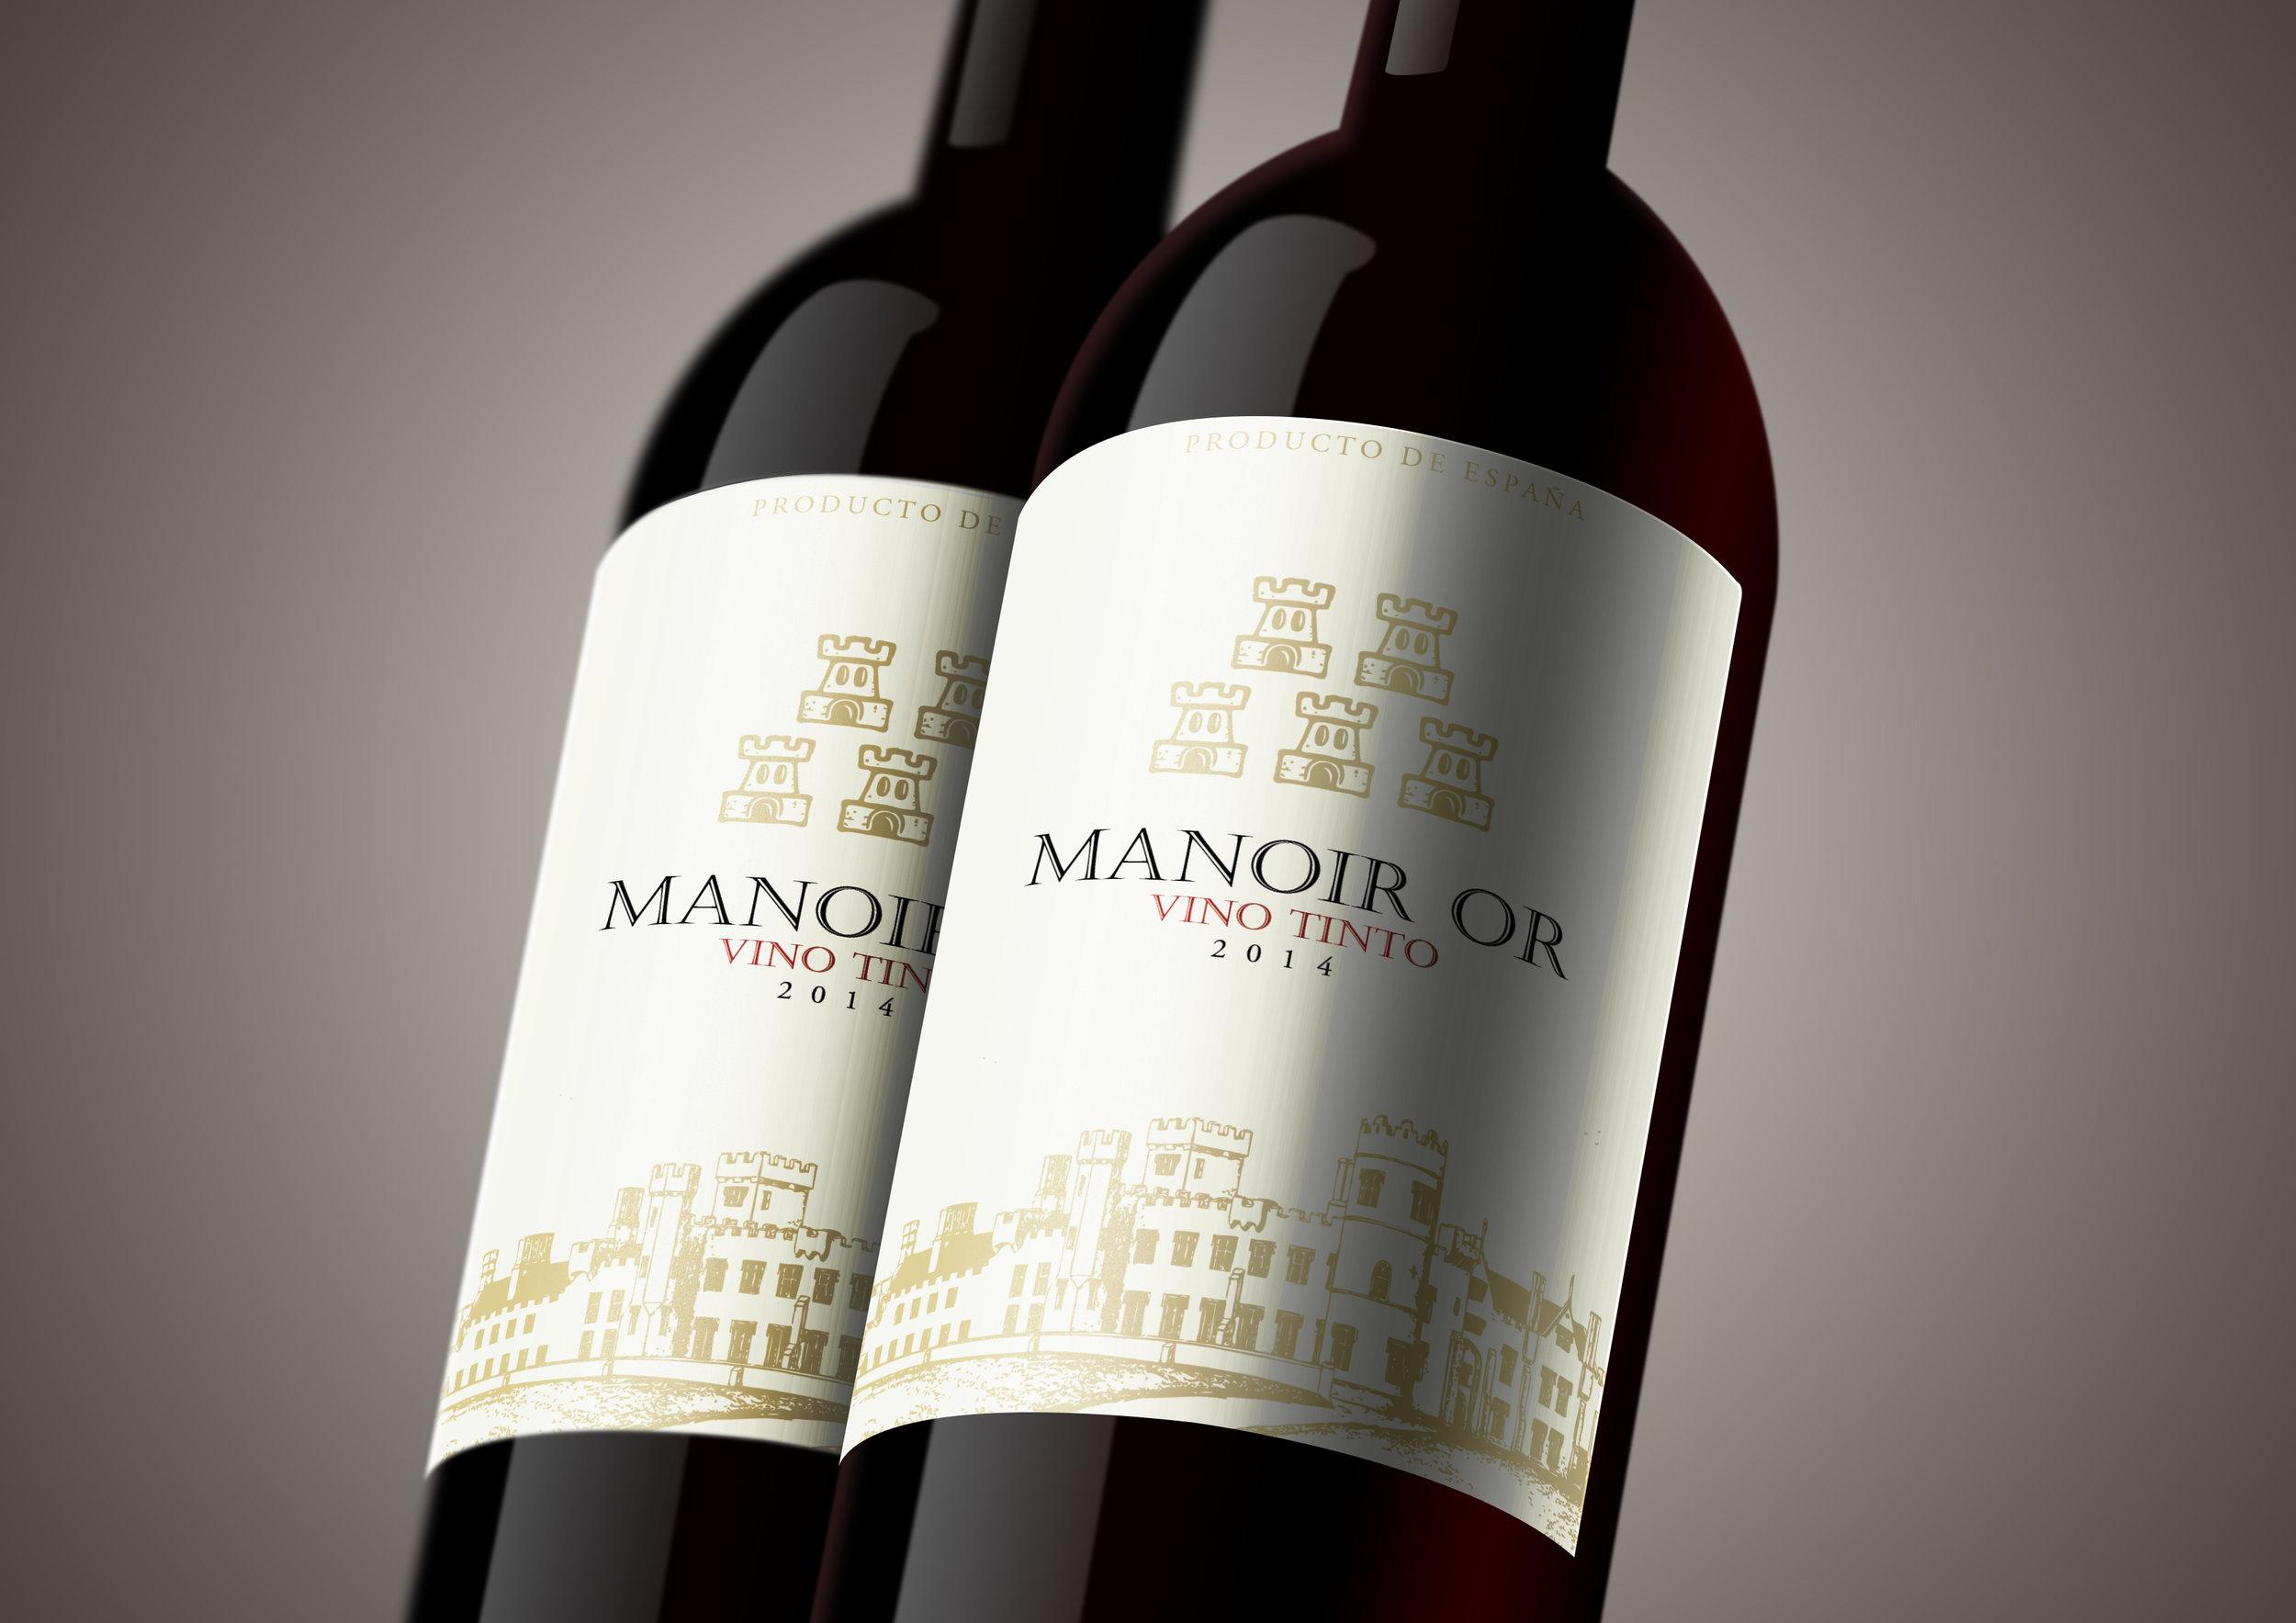 Manoir Oi 2 bottle shot.jpg